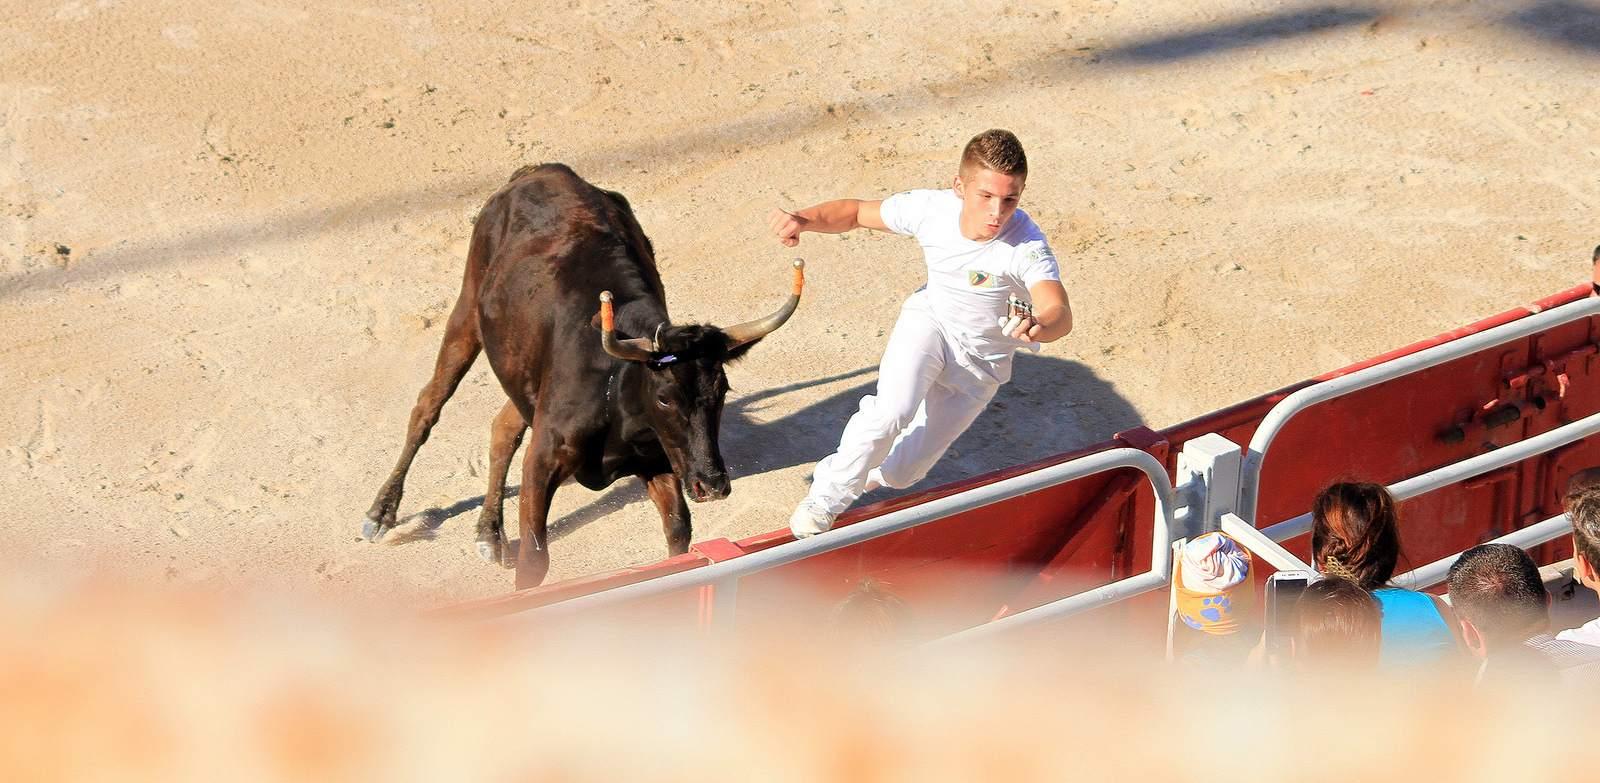 arles1 Bull Fighting in Arles Arena